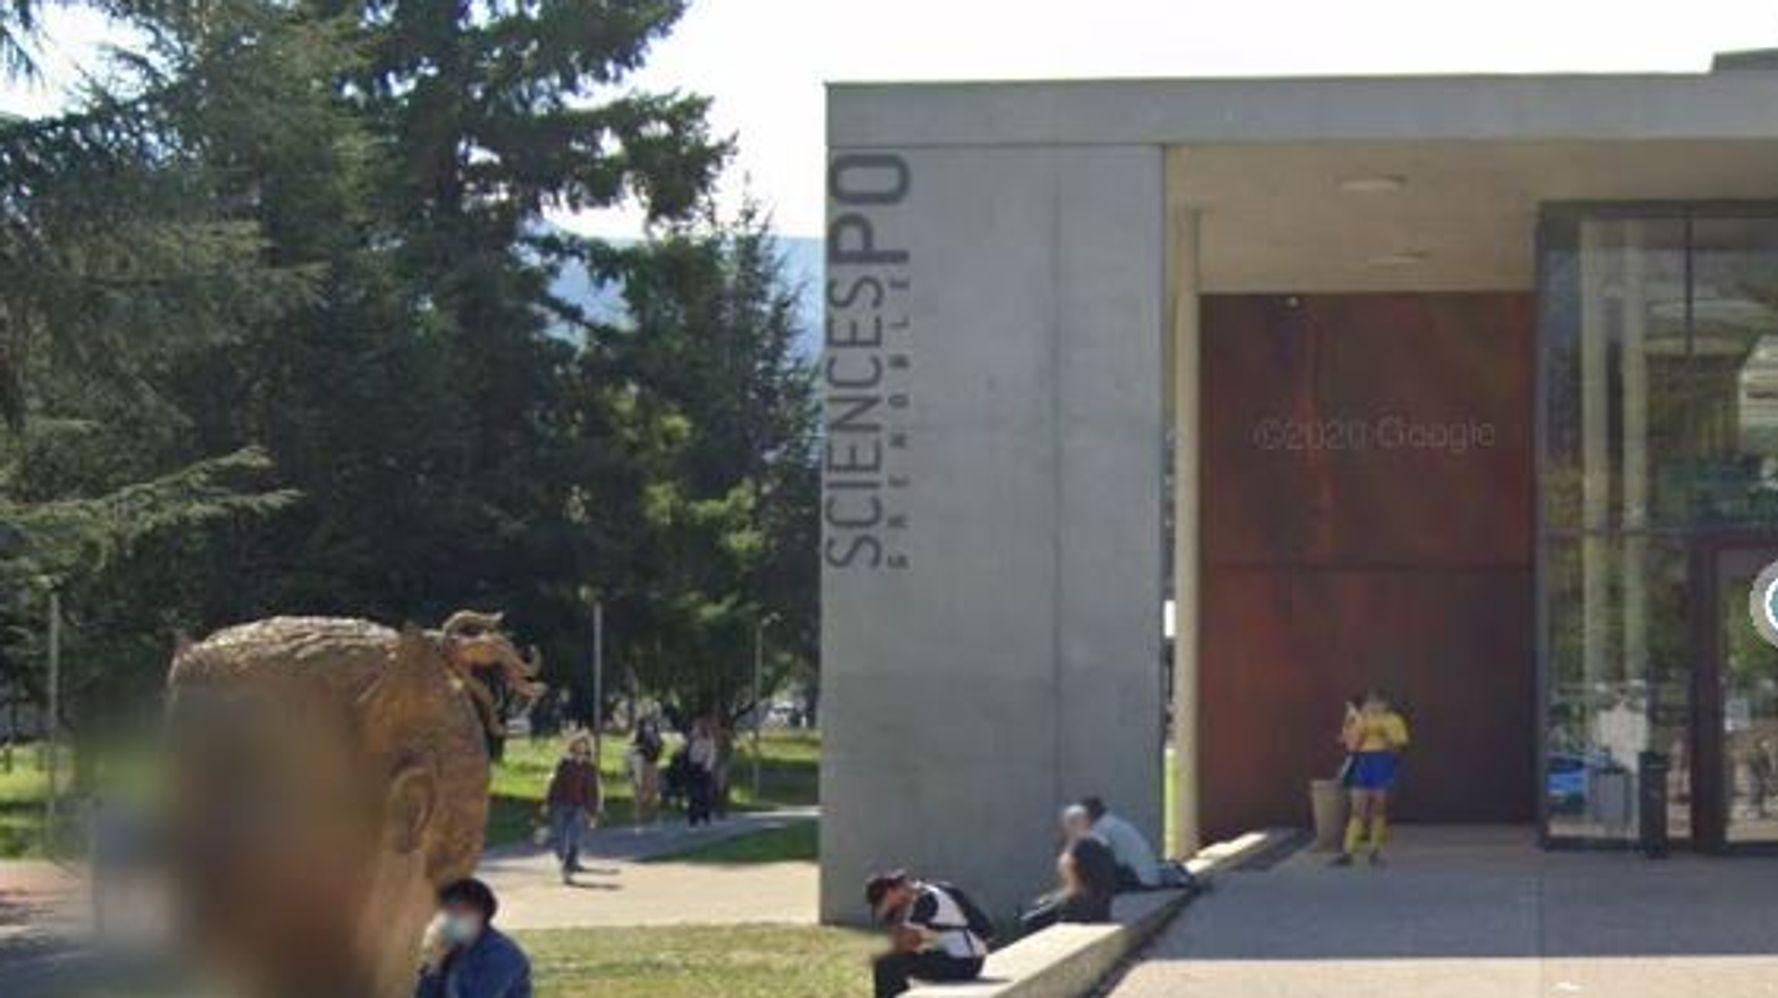 Profs accusés d'islamophobie à Sciences Po Grenoble: une enquête ouverte